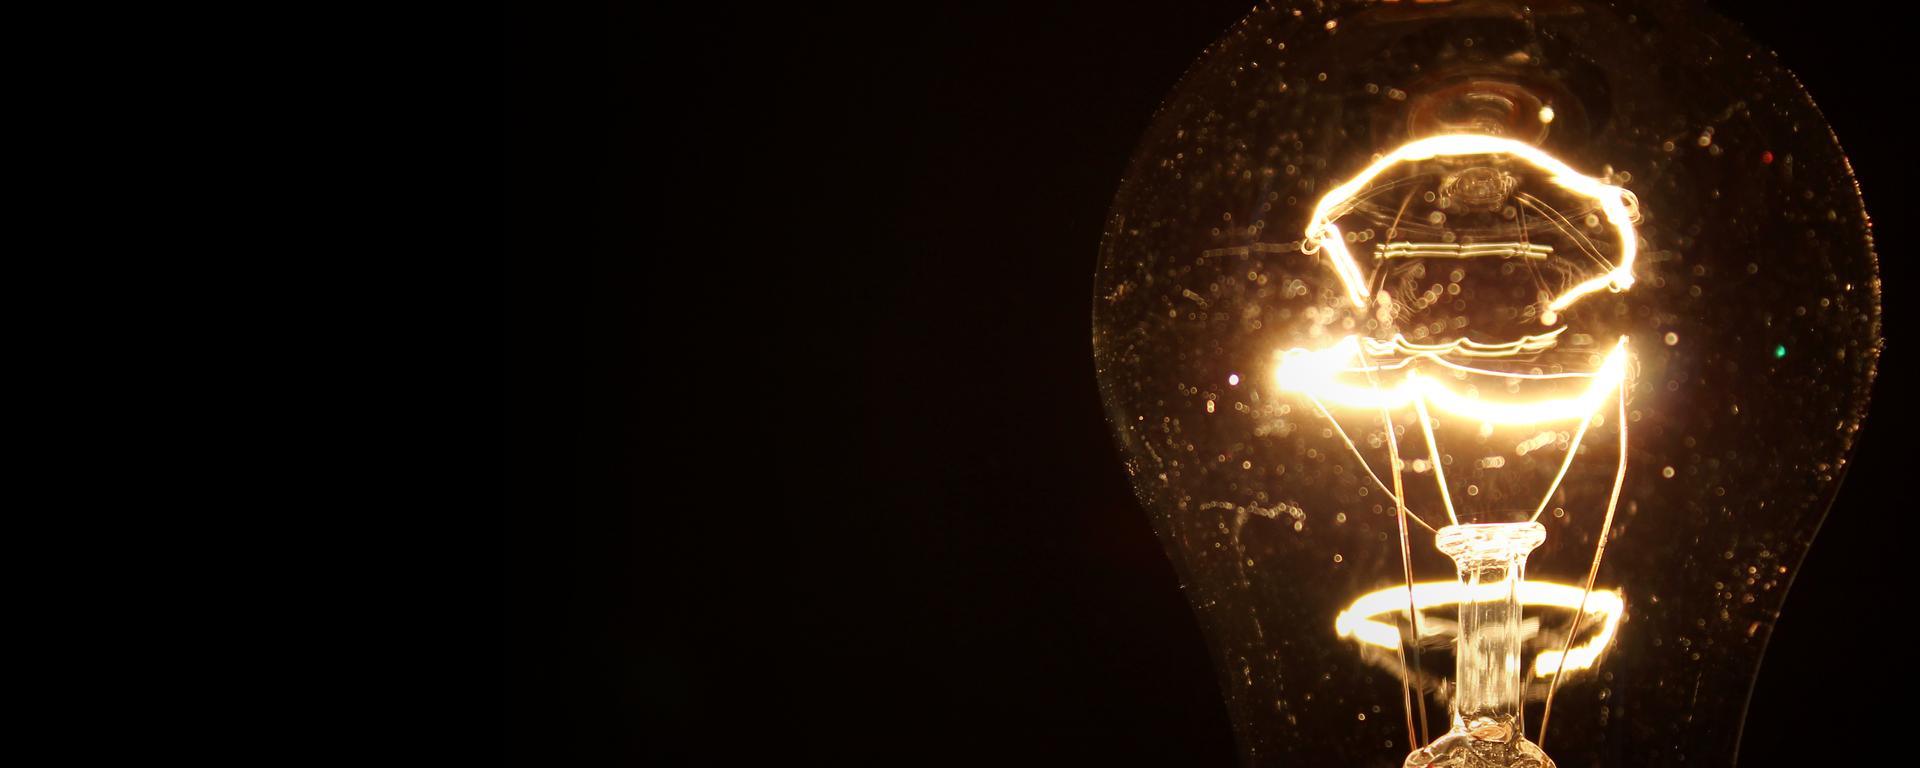 Lámpara eléctrica - Sputnik Mundo, 1920, 26.08.2021